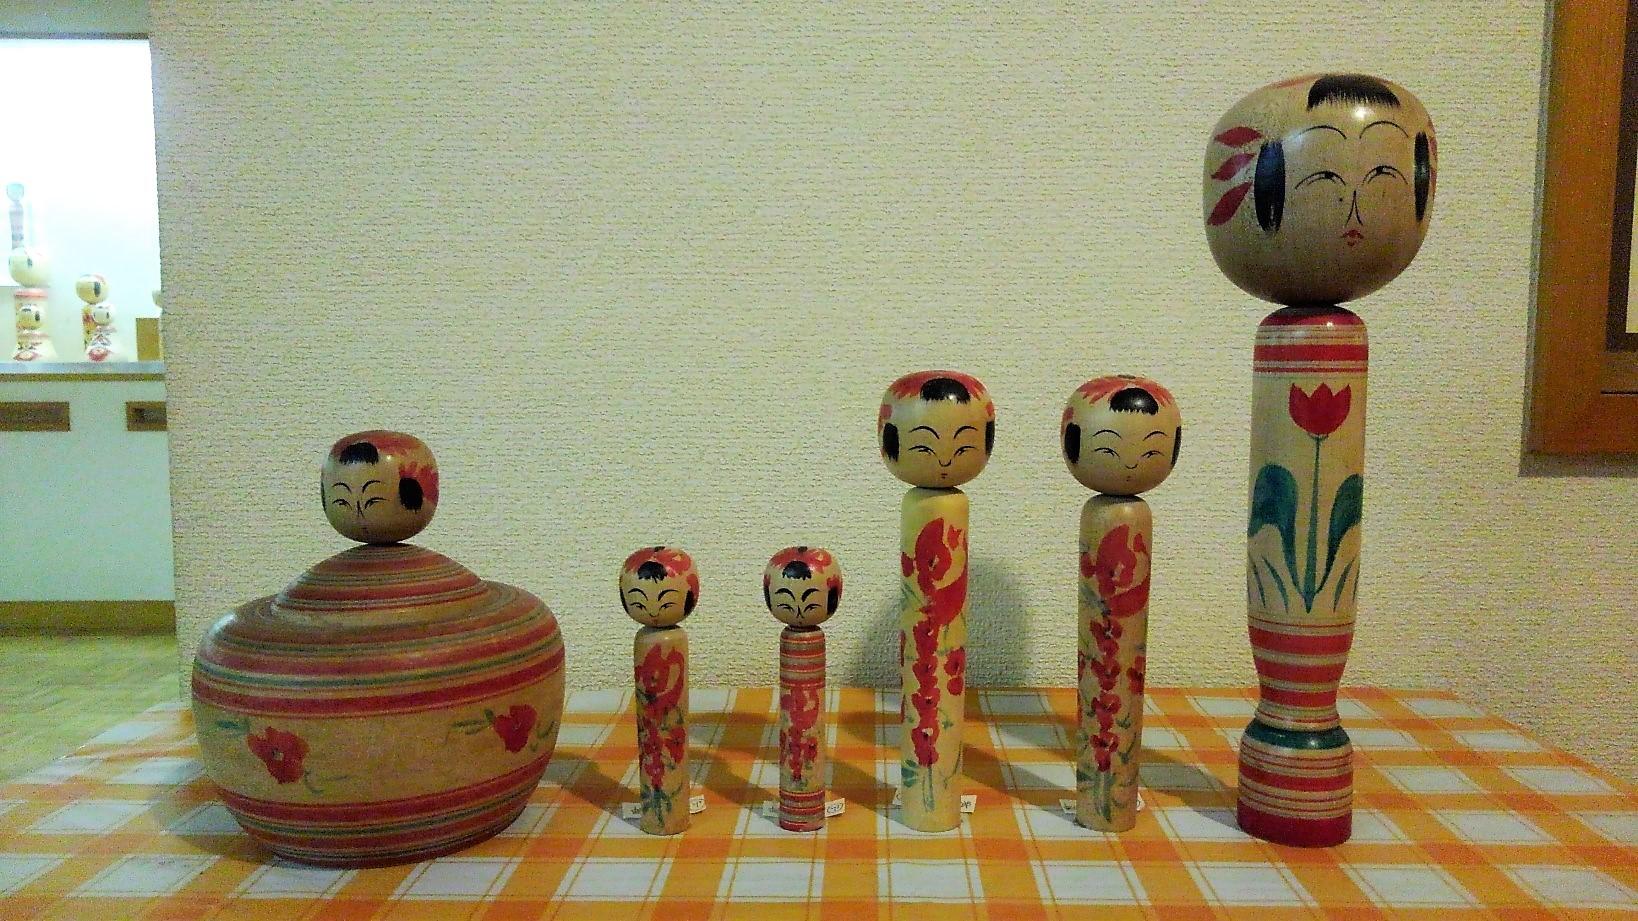 こけし収穫祭!!秋の通販拡大ブログ8~中古こけし編~_e0318040_18015233.jpg